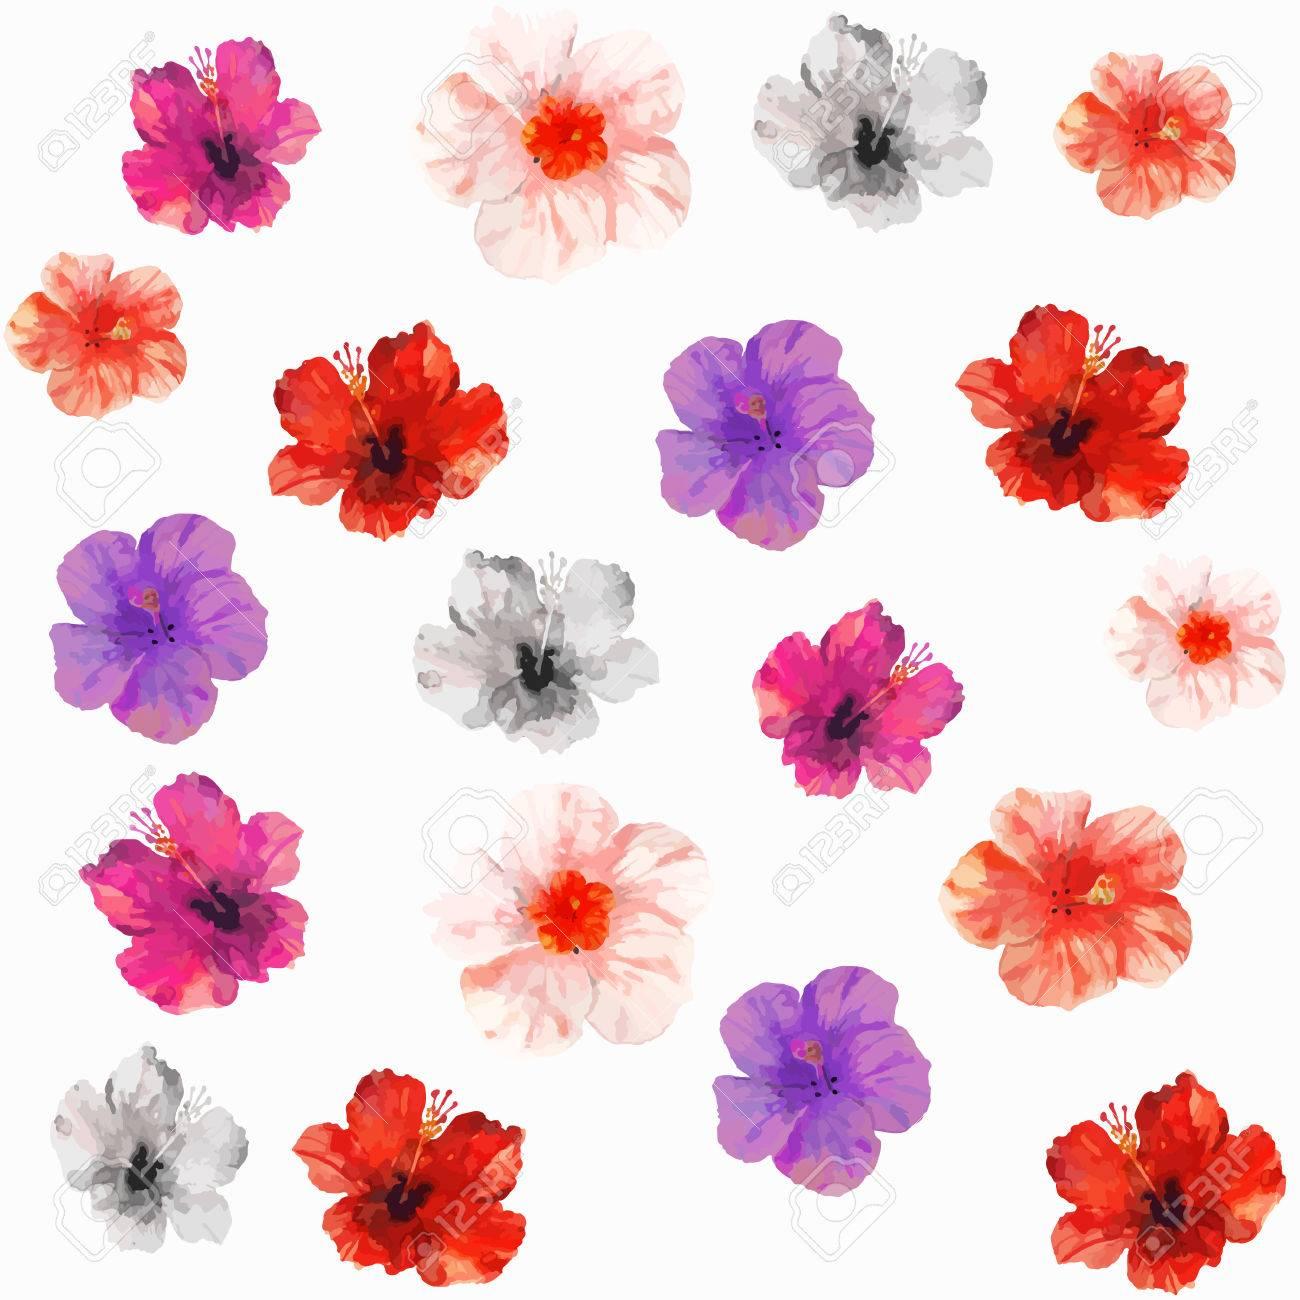 Vector Illustration De Seamless Floral Rouge Rose Violet Noir Et Blanc Des Fleurs Tropicales Isolées Dessin Aquarelle Sur Le Fond Blanc